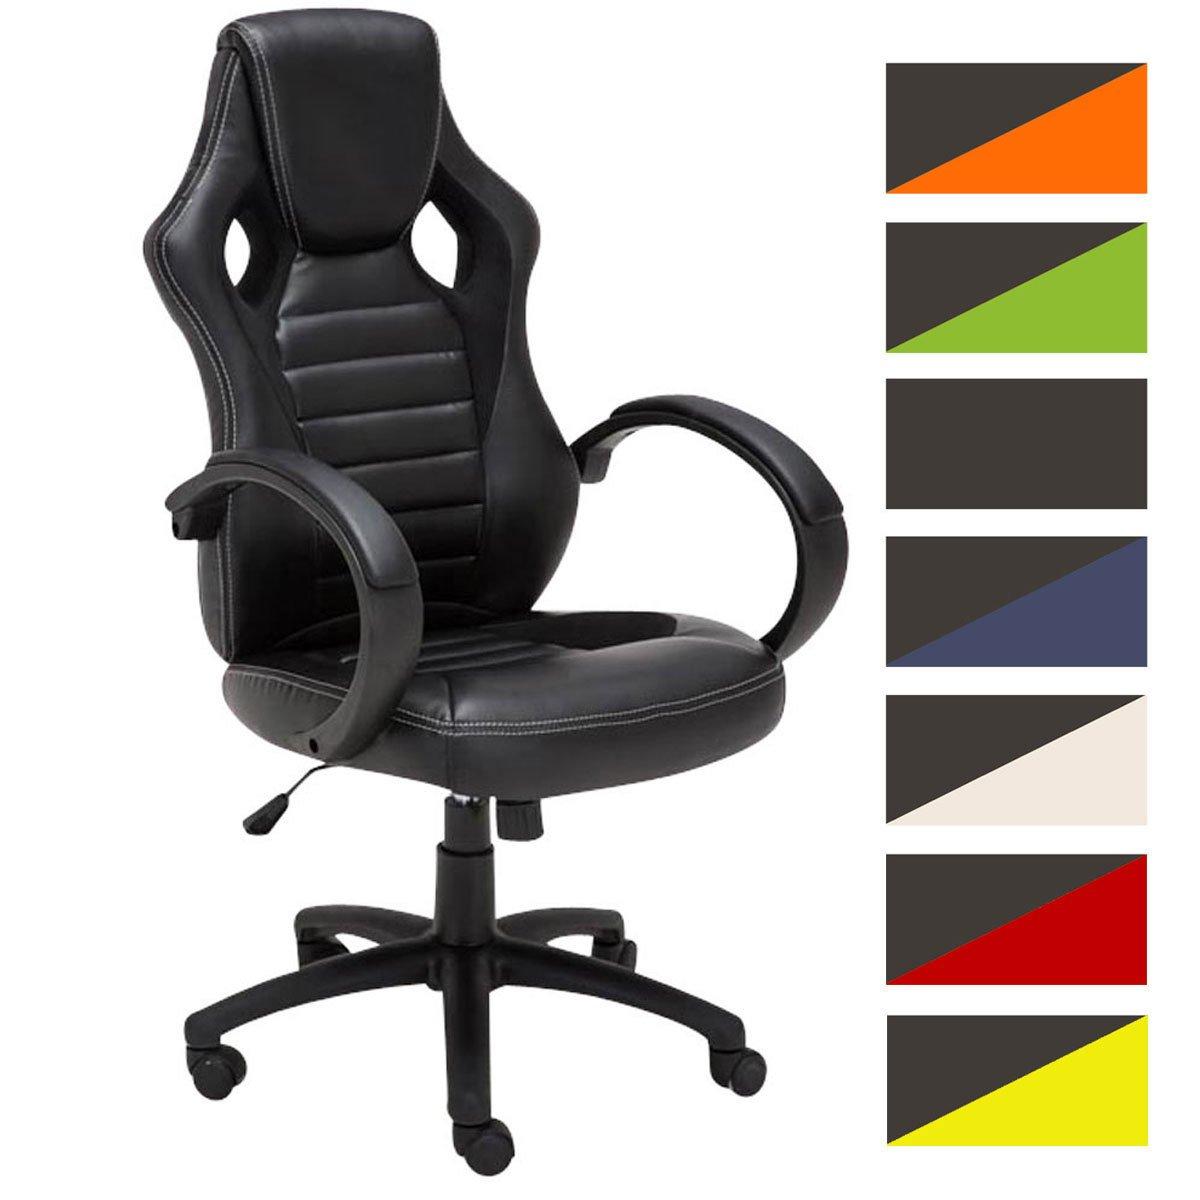 Silla Racing Speed en Cuero Sintético I Silla Gaming Regulable en Altura I Silla de Oficina con Ruedas I Color:, Color:Negro